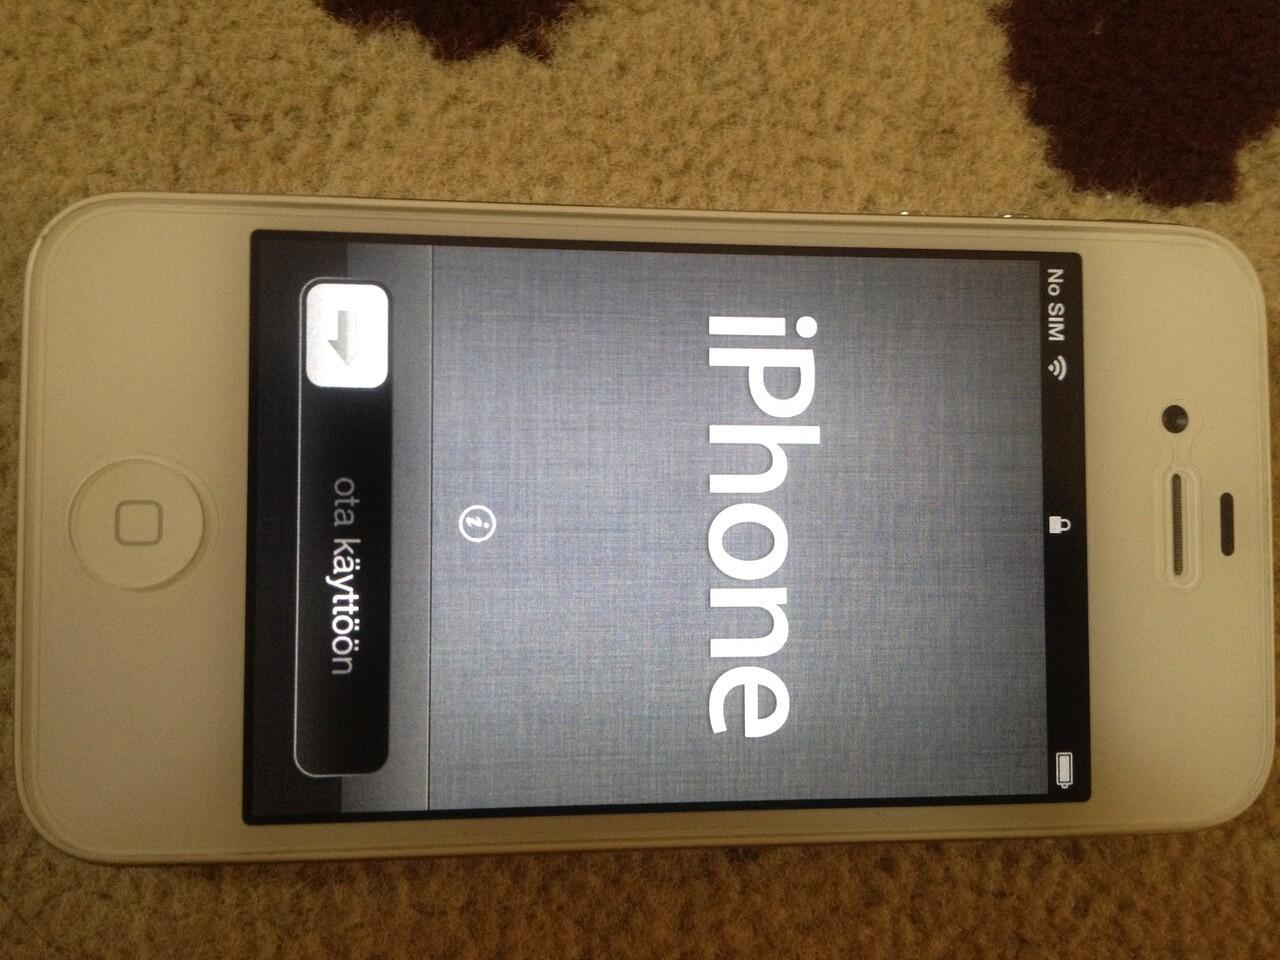 ... Jual iphone 4 white 16 Gb Ex-bundling XL (Resmi) Mulus Lokasi Semarang  ... 725a42926e